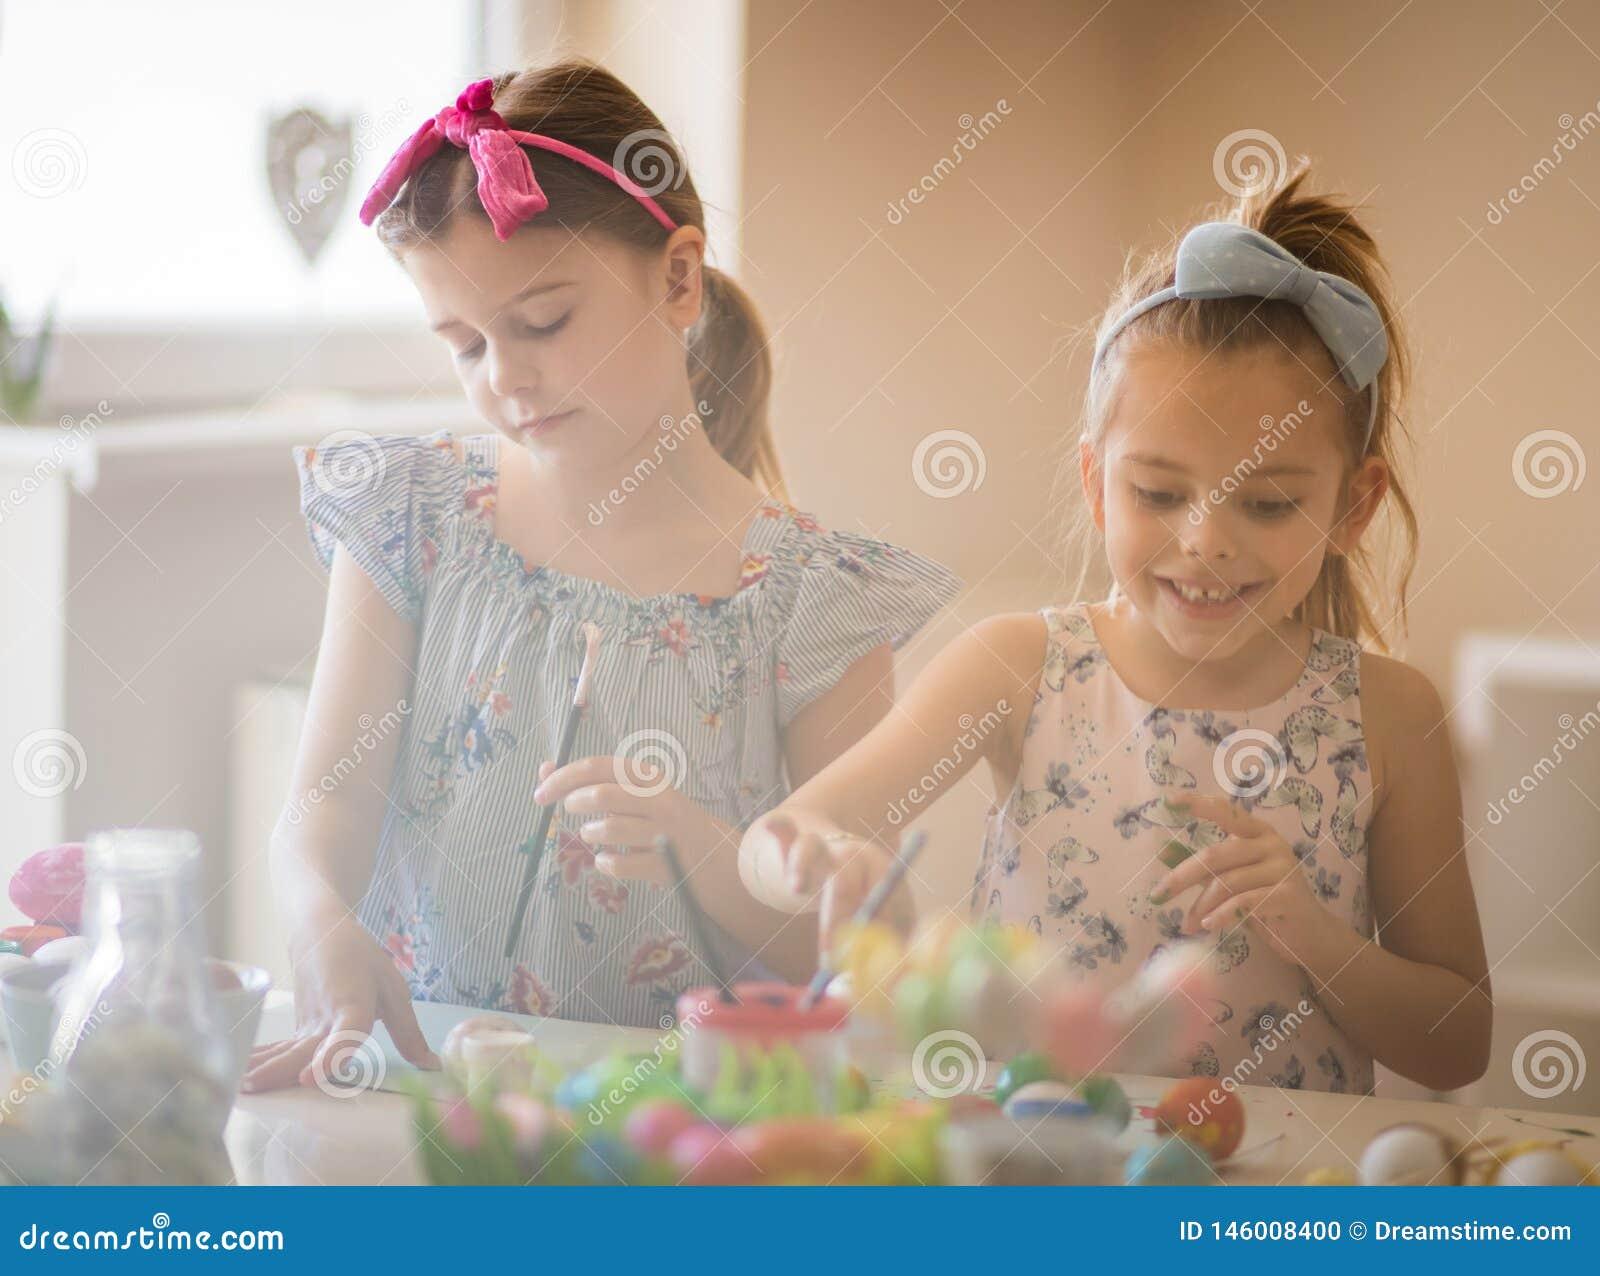 Pasen is een vakantie van kinderen